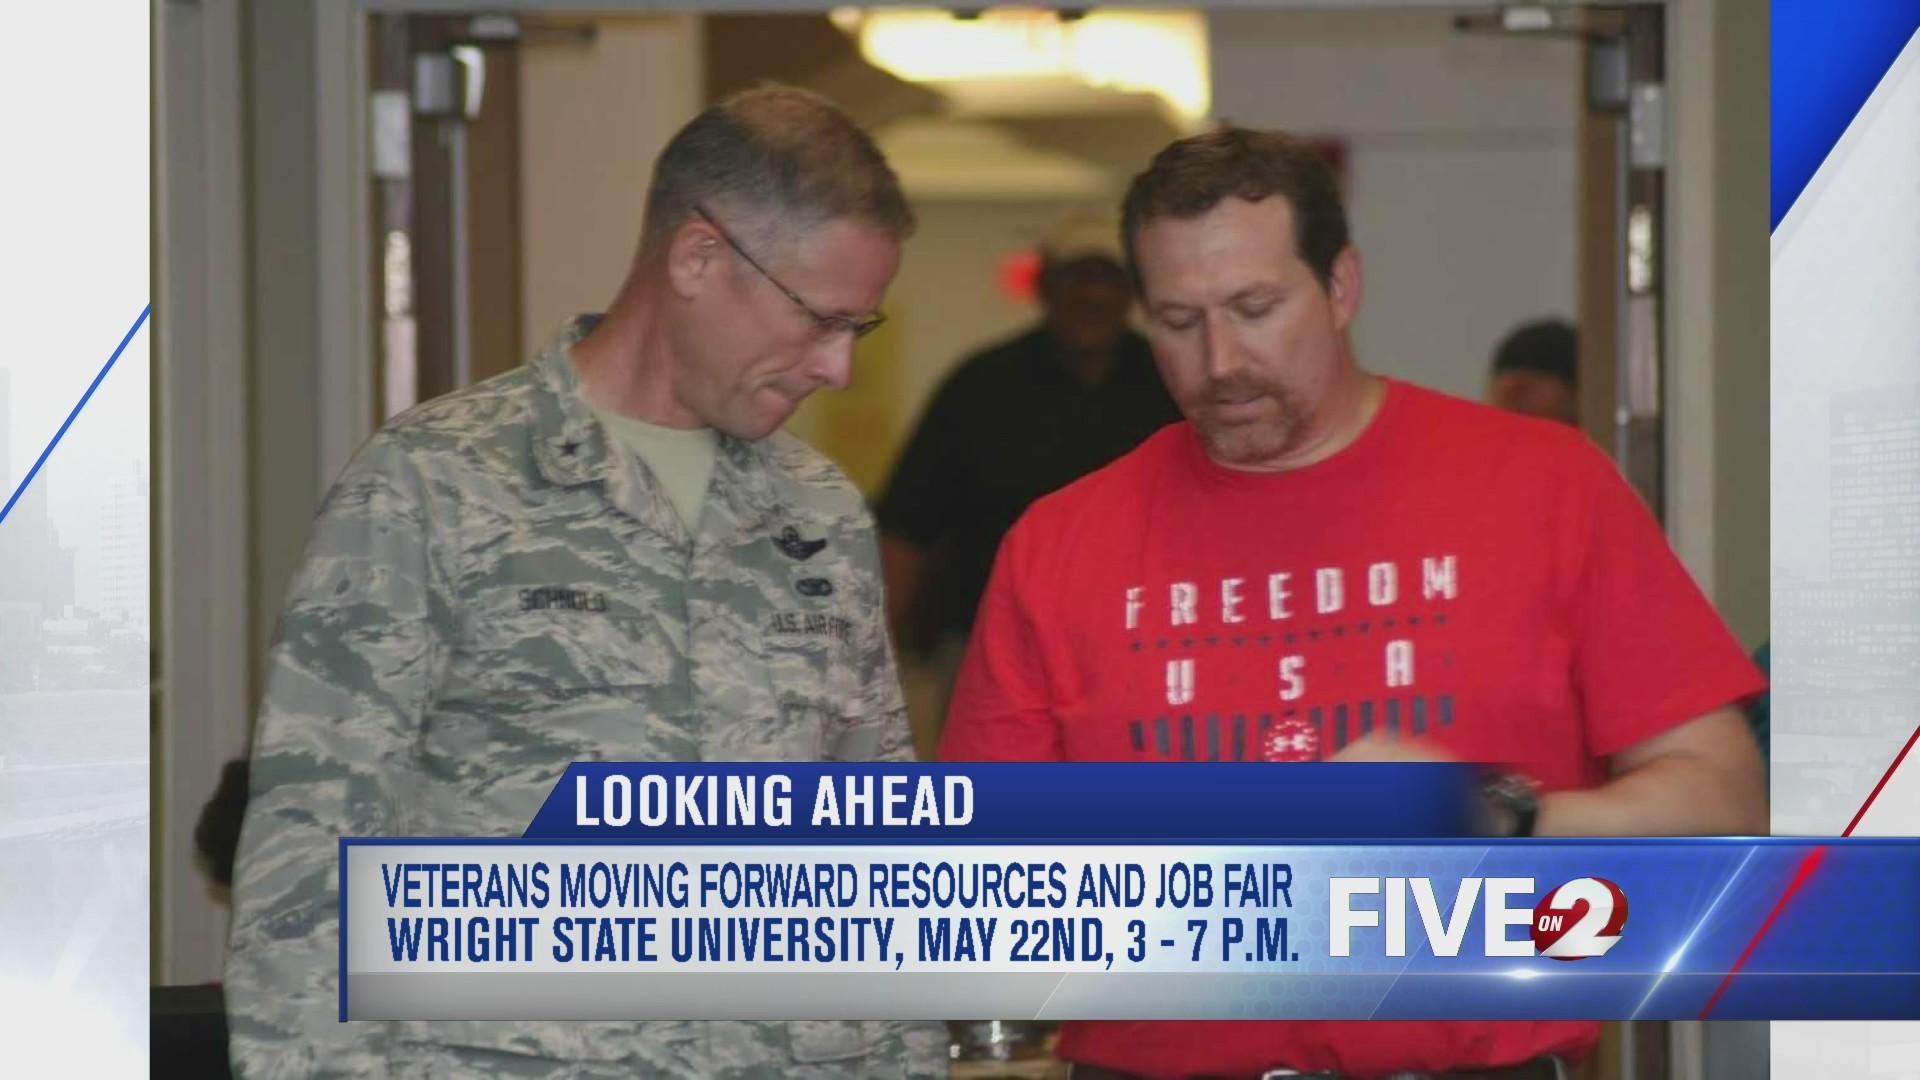 Veterans Moving Forward Resources and Job Fair coming up May 22